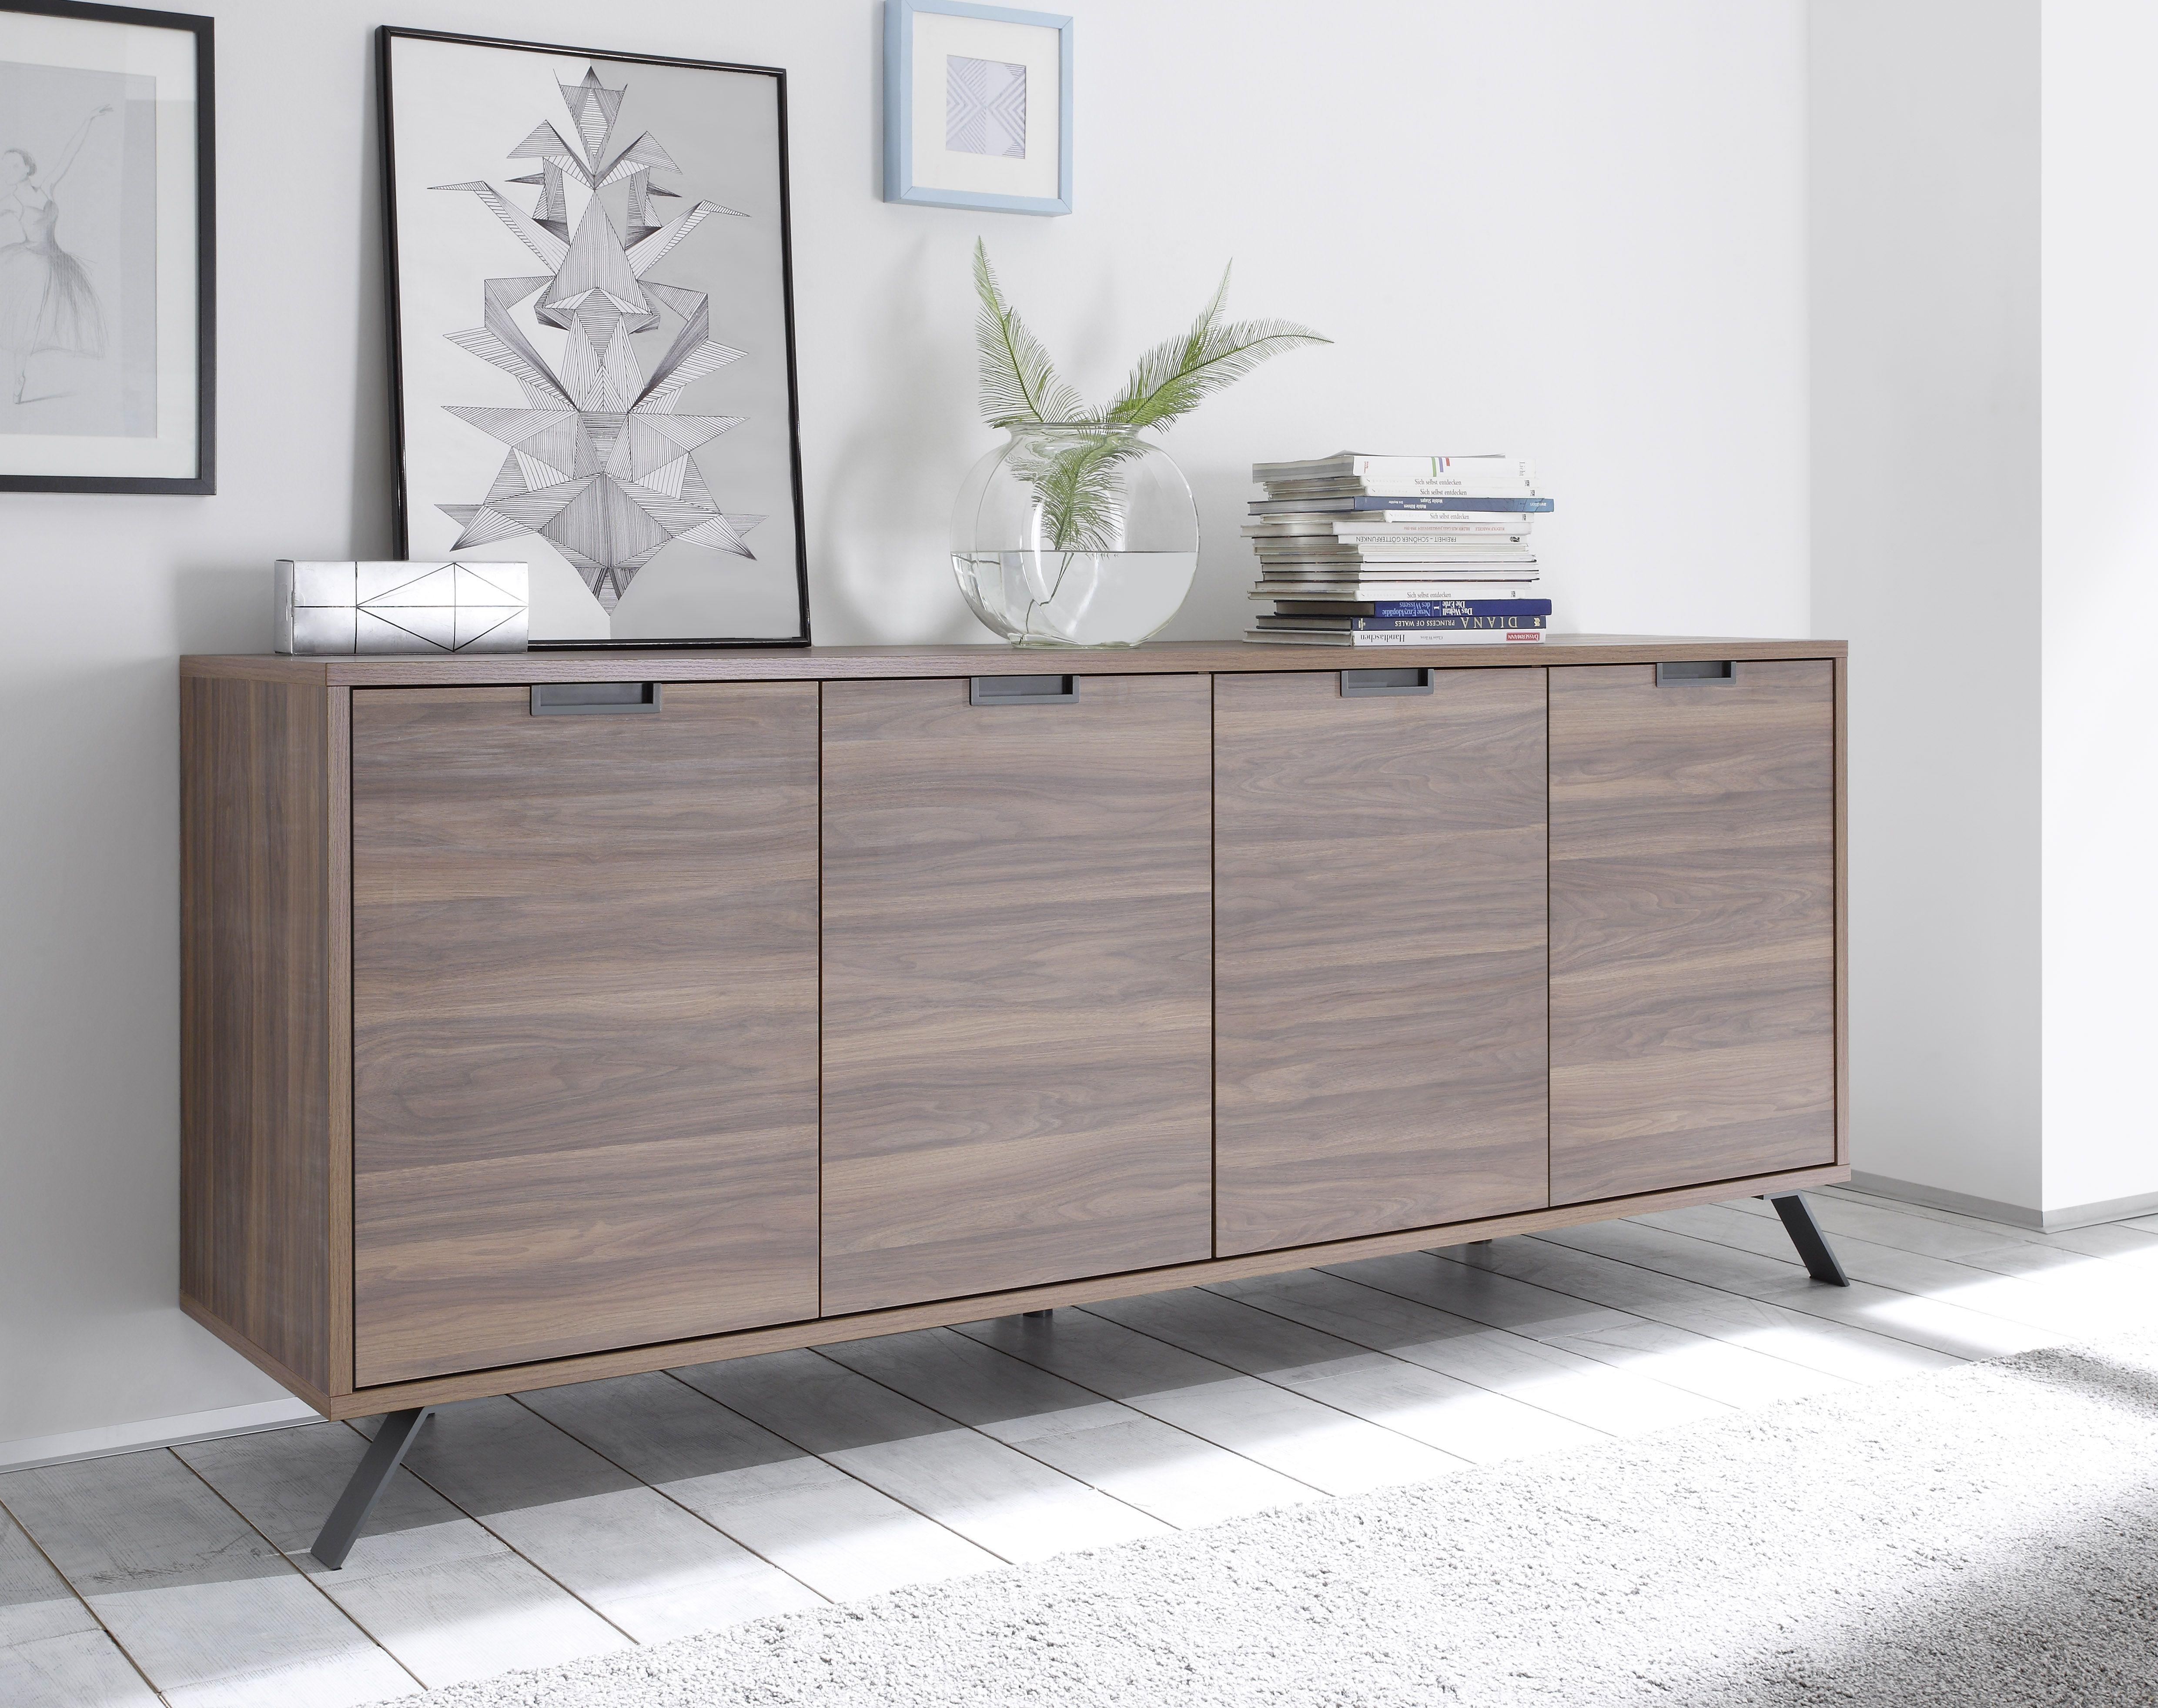 Highboard Wohnzimmer ~ Sideboard nussbaum woody 12 01012 holz modern jetzt bestellen